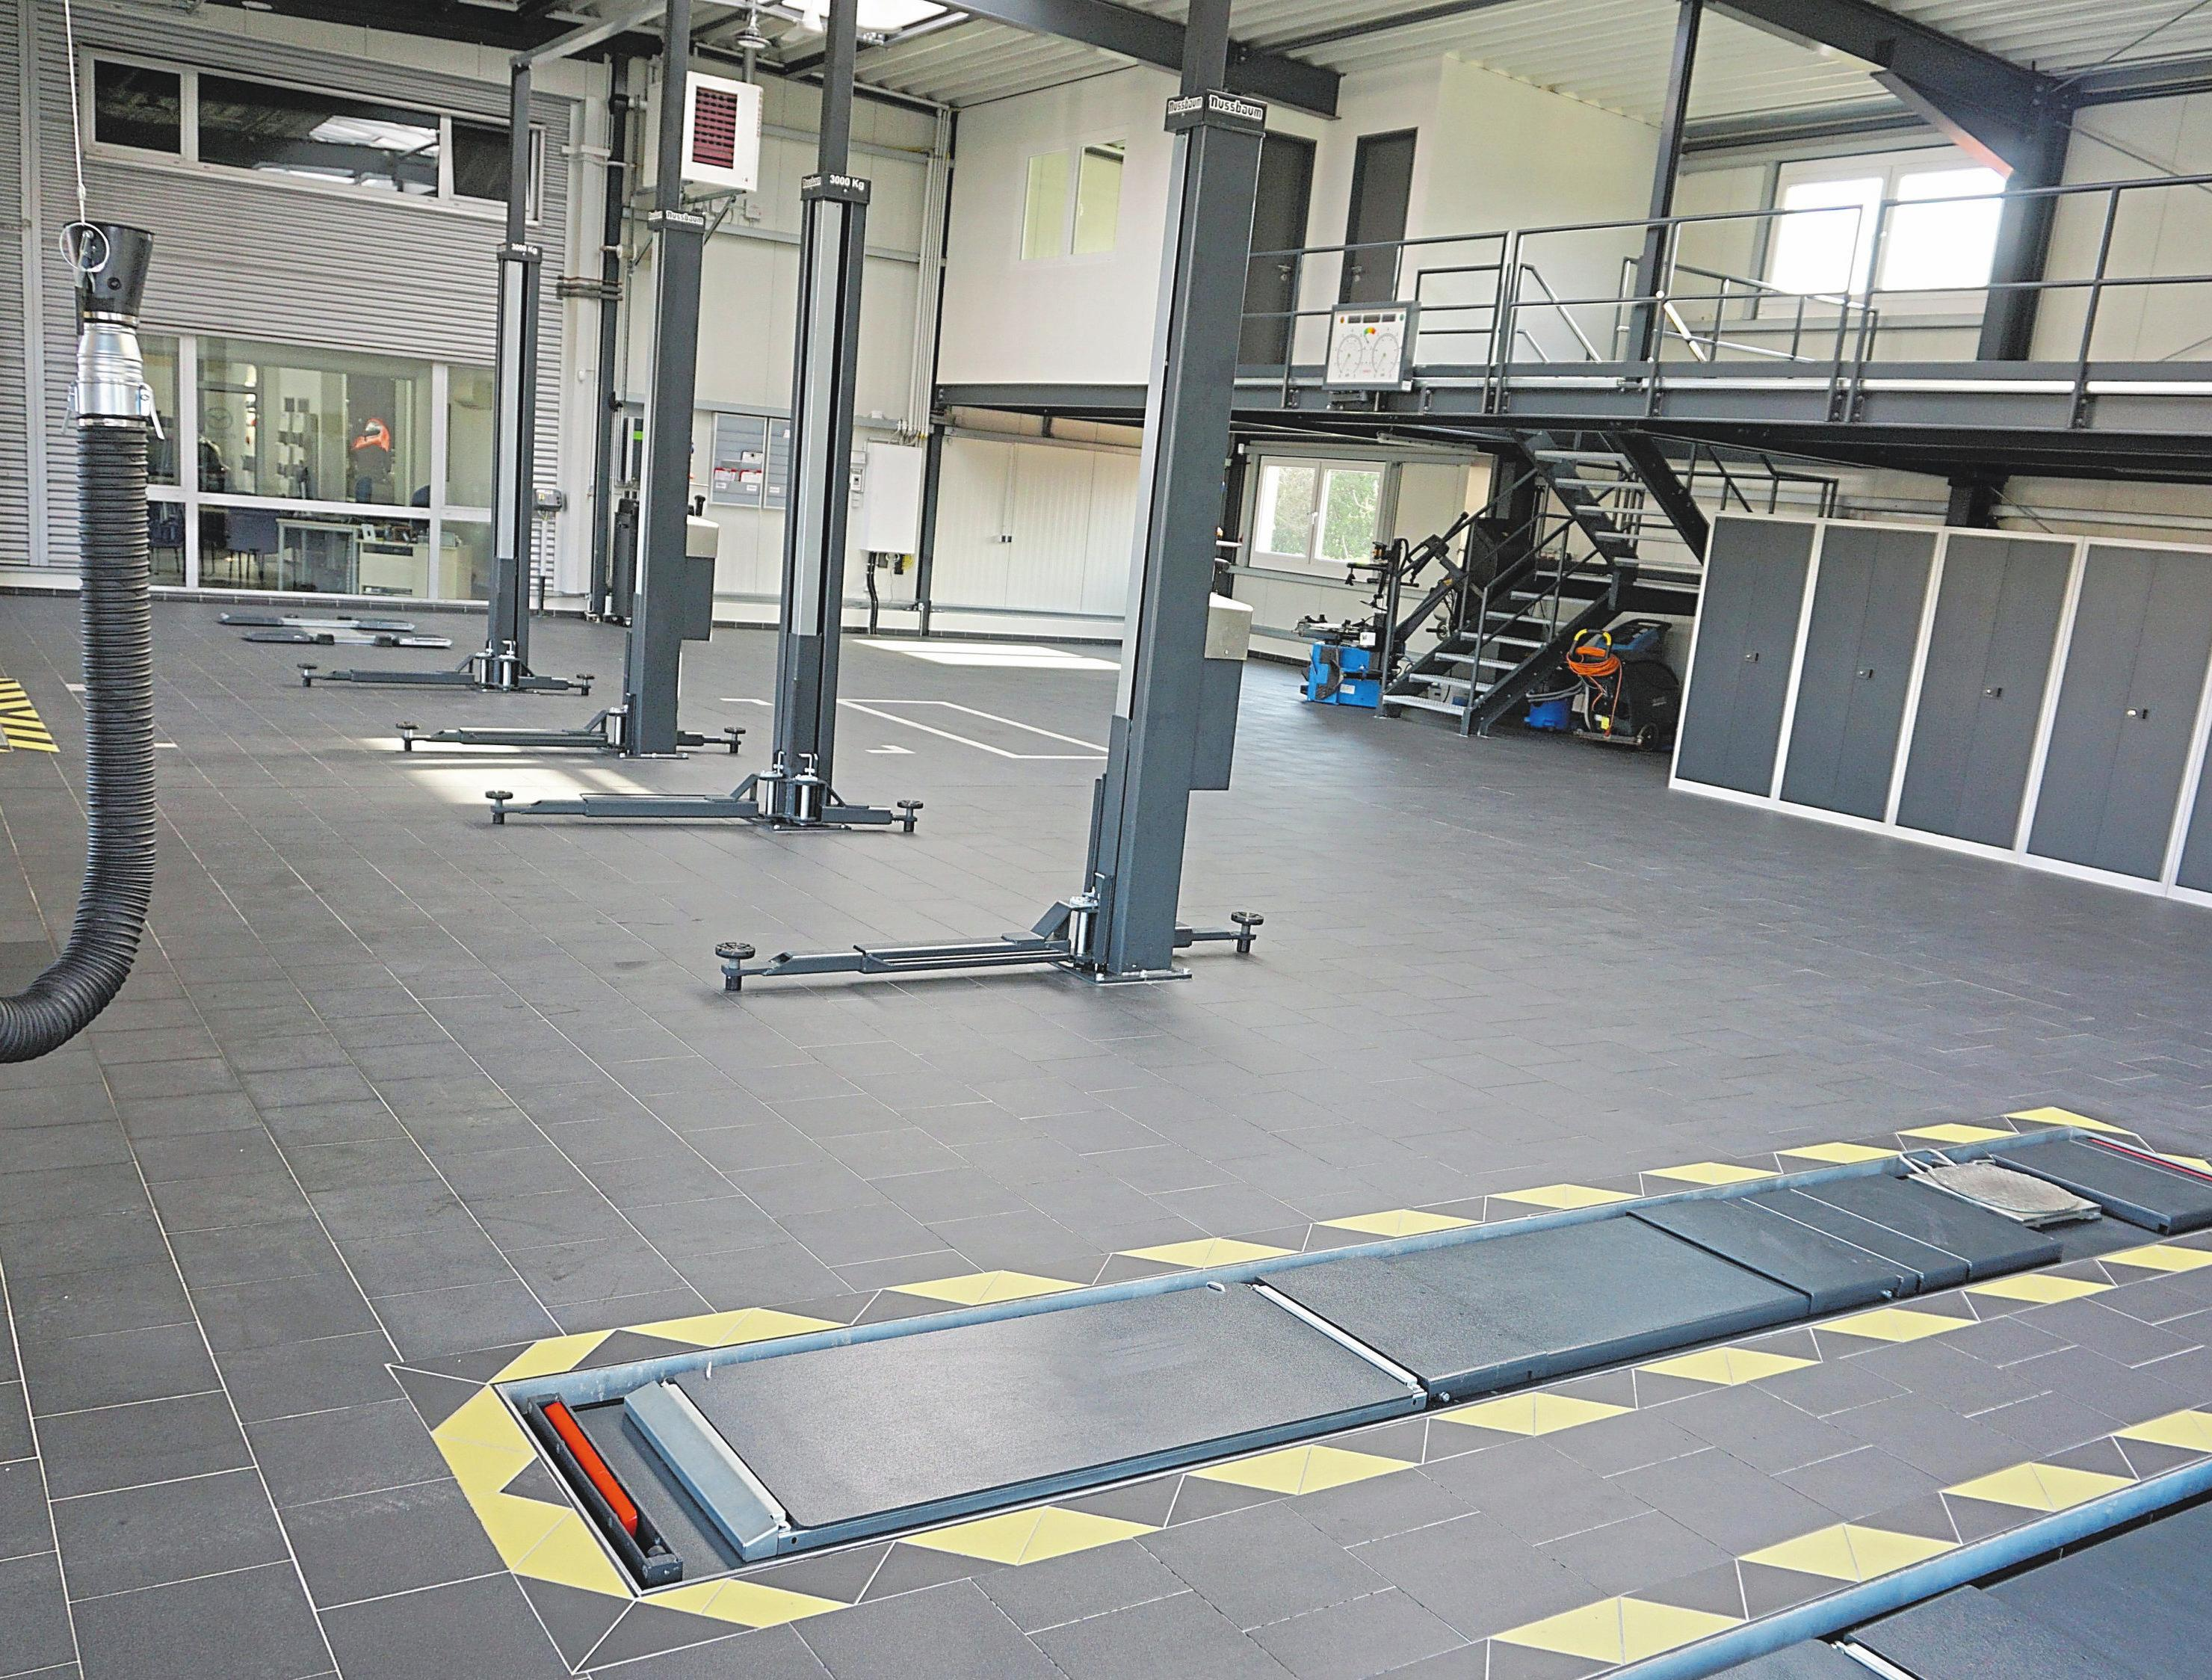 Und es gibt noch mehr Grund zur Freude: Der Neubau der topp ausgestatteten Werkstatt ist fertiggestellt und wird eingeweiht.